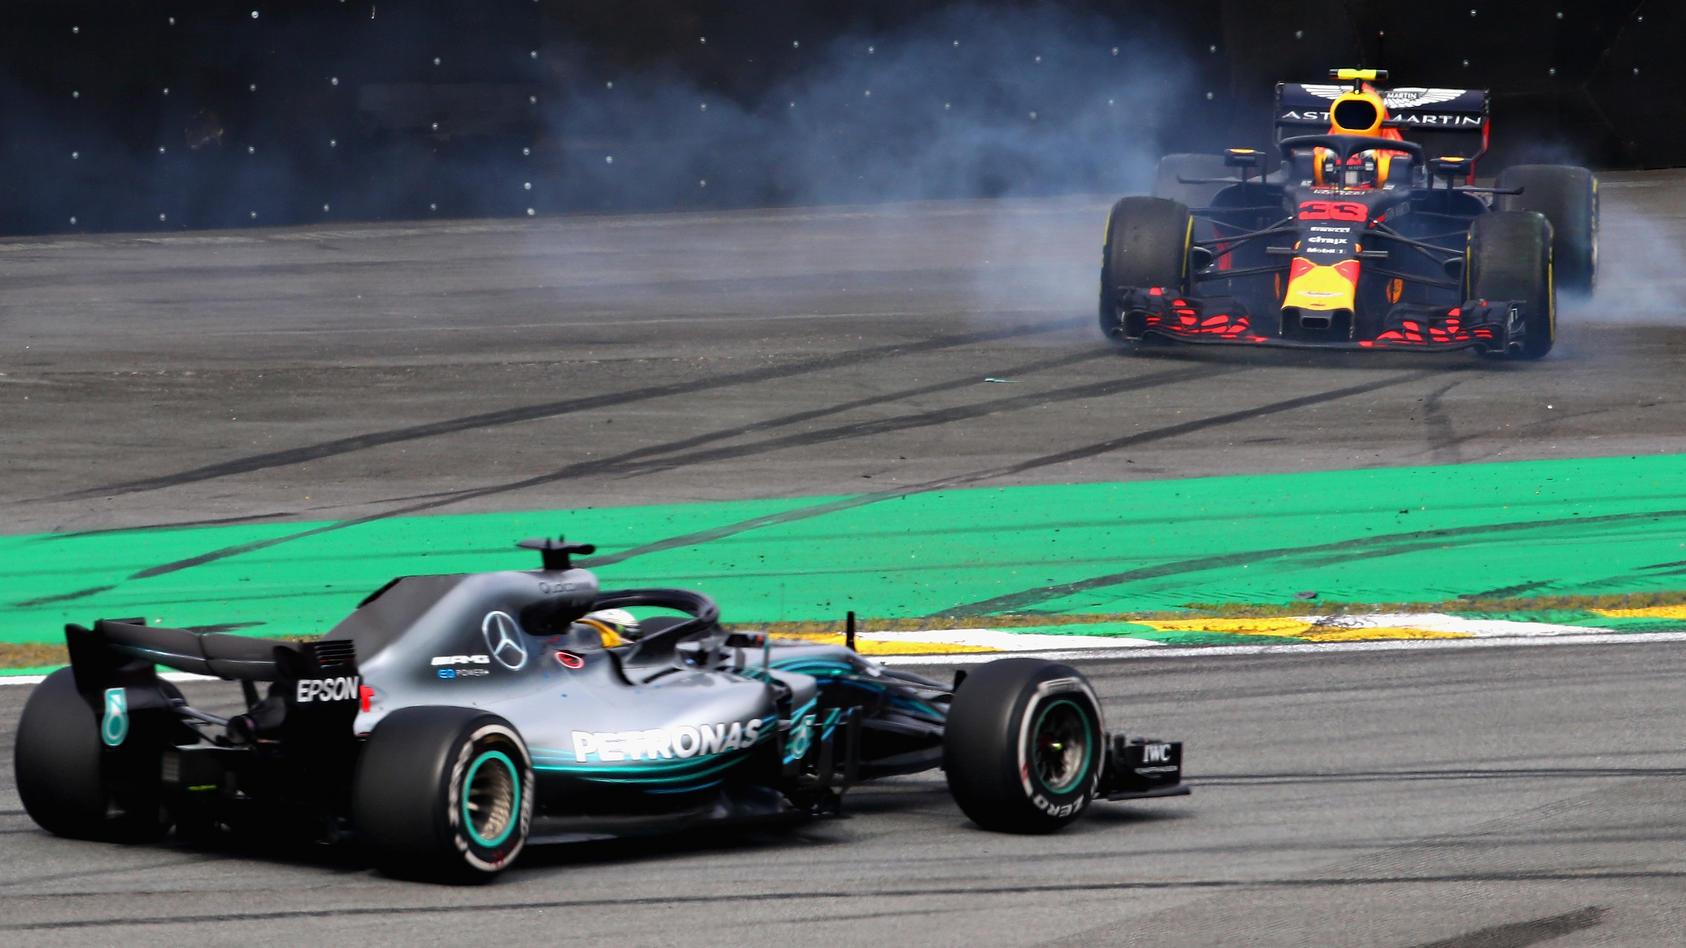 Max Verstappen dreht sich von der Strecke - Lewis Hamilton übernimmt wieder die Führung beim Brasilien-GP